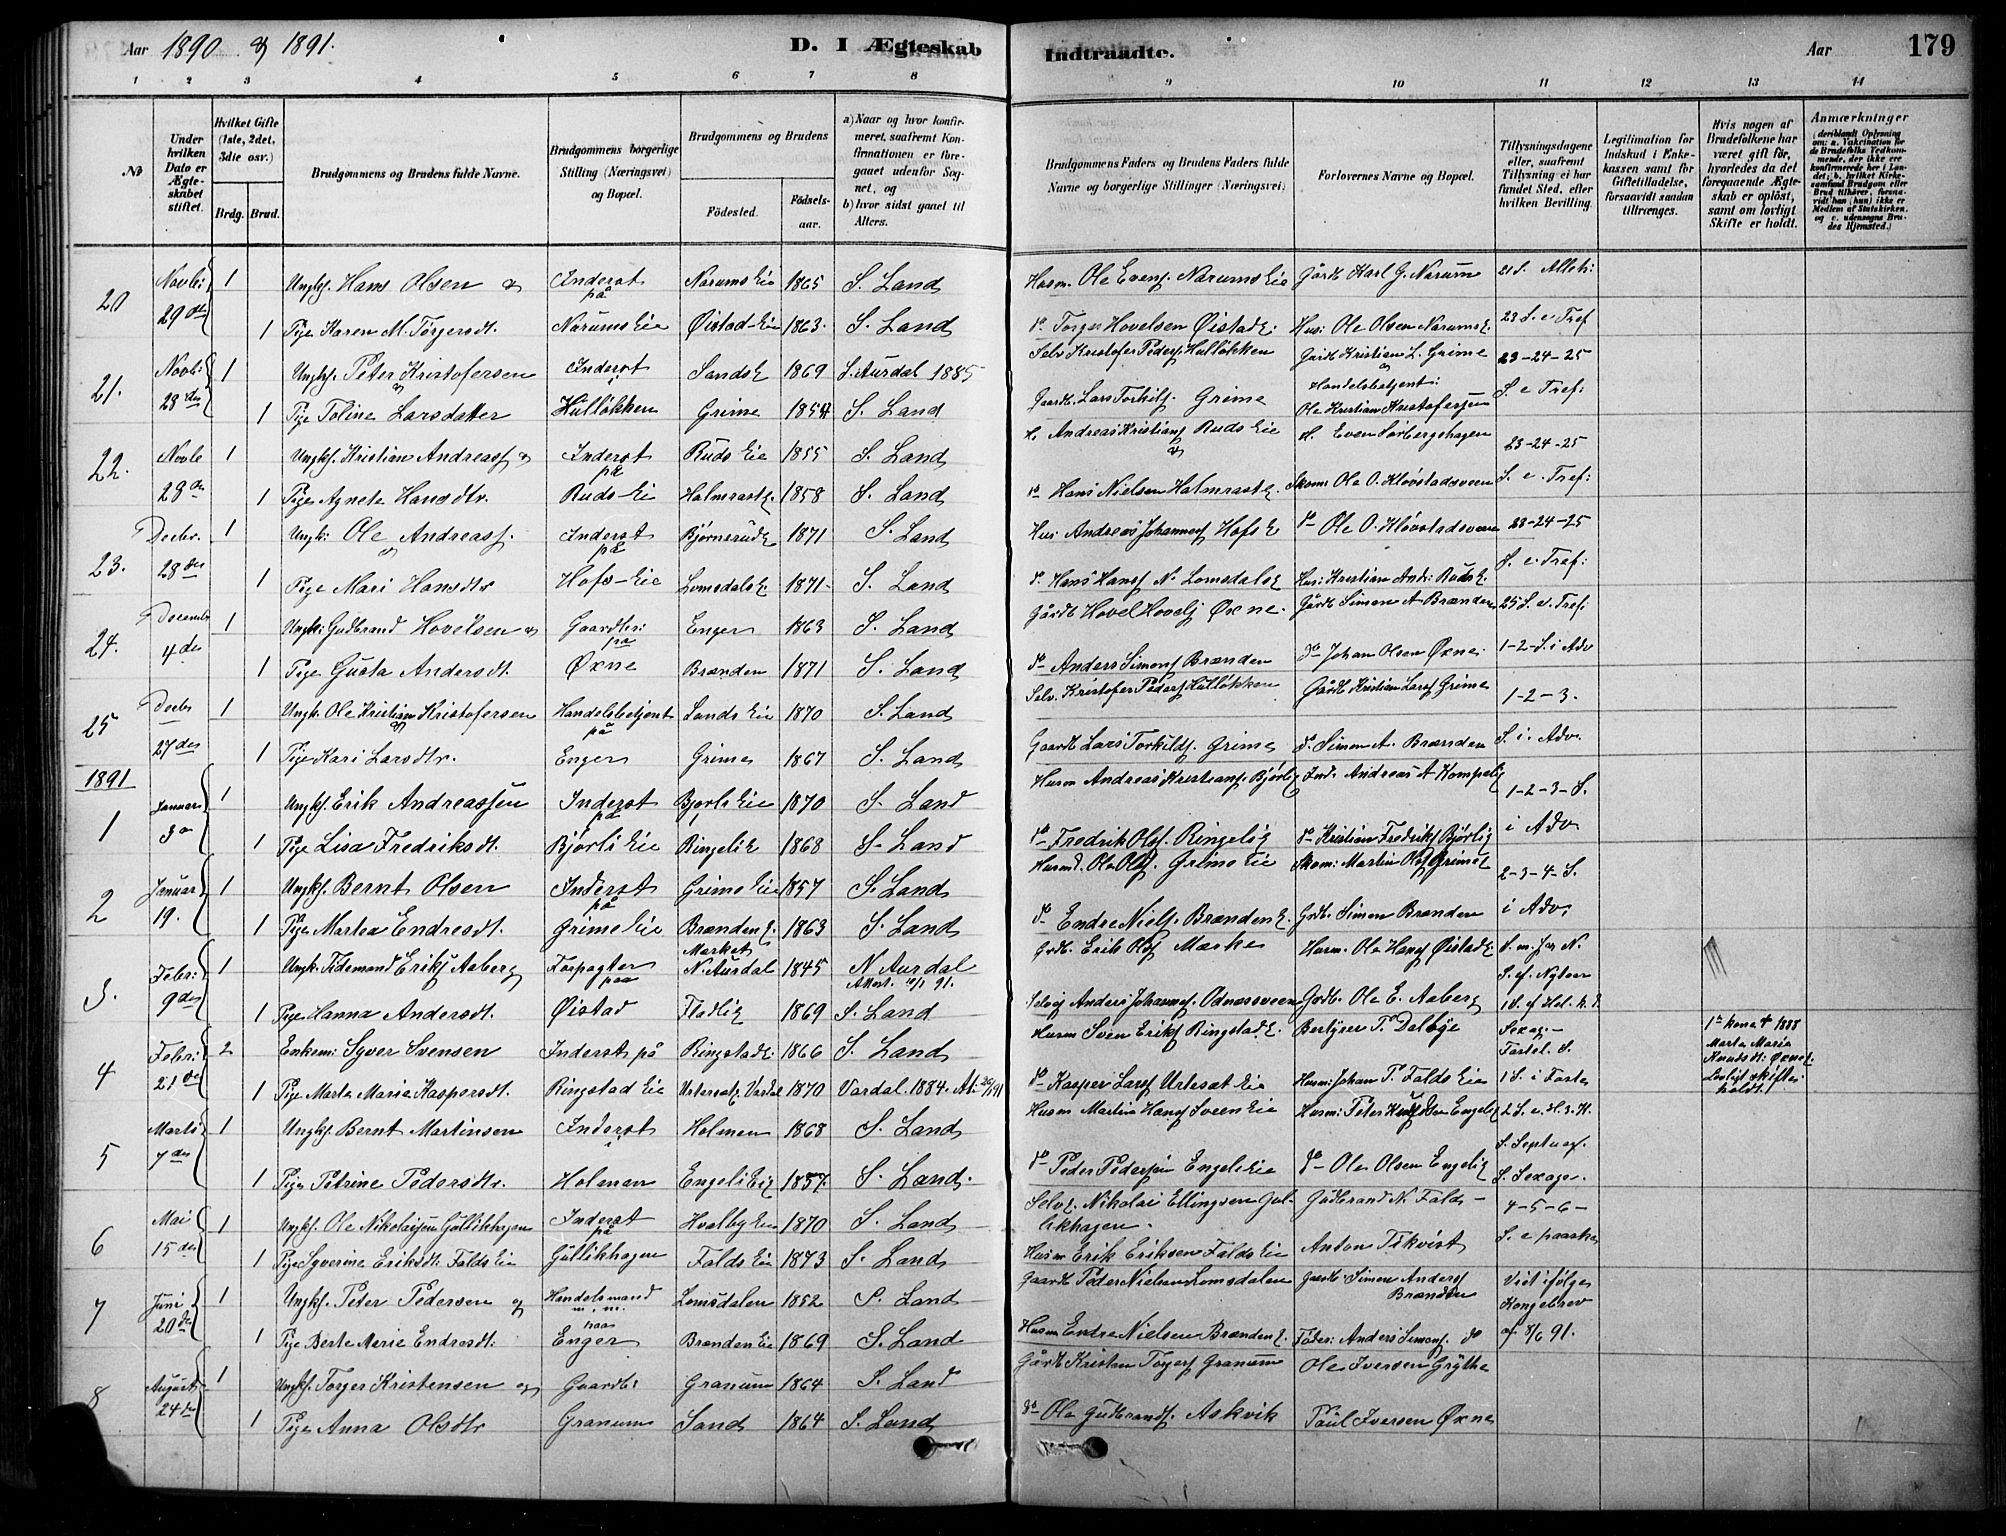 SAH, Søndre Land prestekontor, K/L0003: Ministerialbok nr. 3, 1878-1894, s. 179